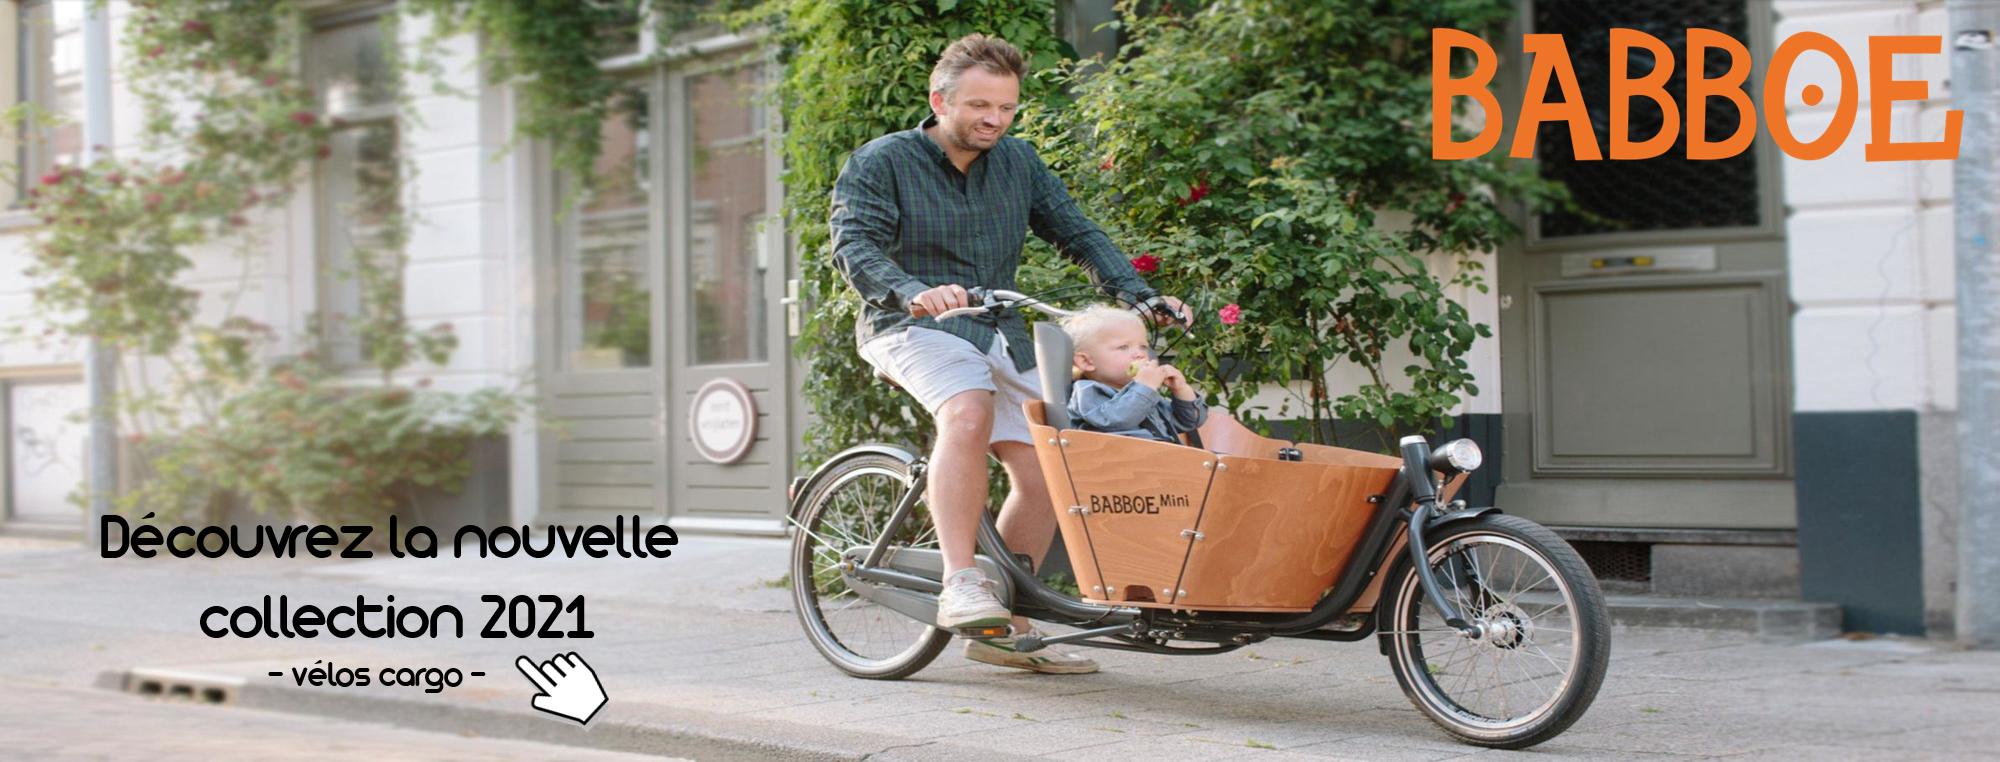 Vélos cargo électriques - Babboe collection 2021